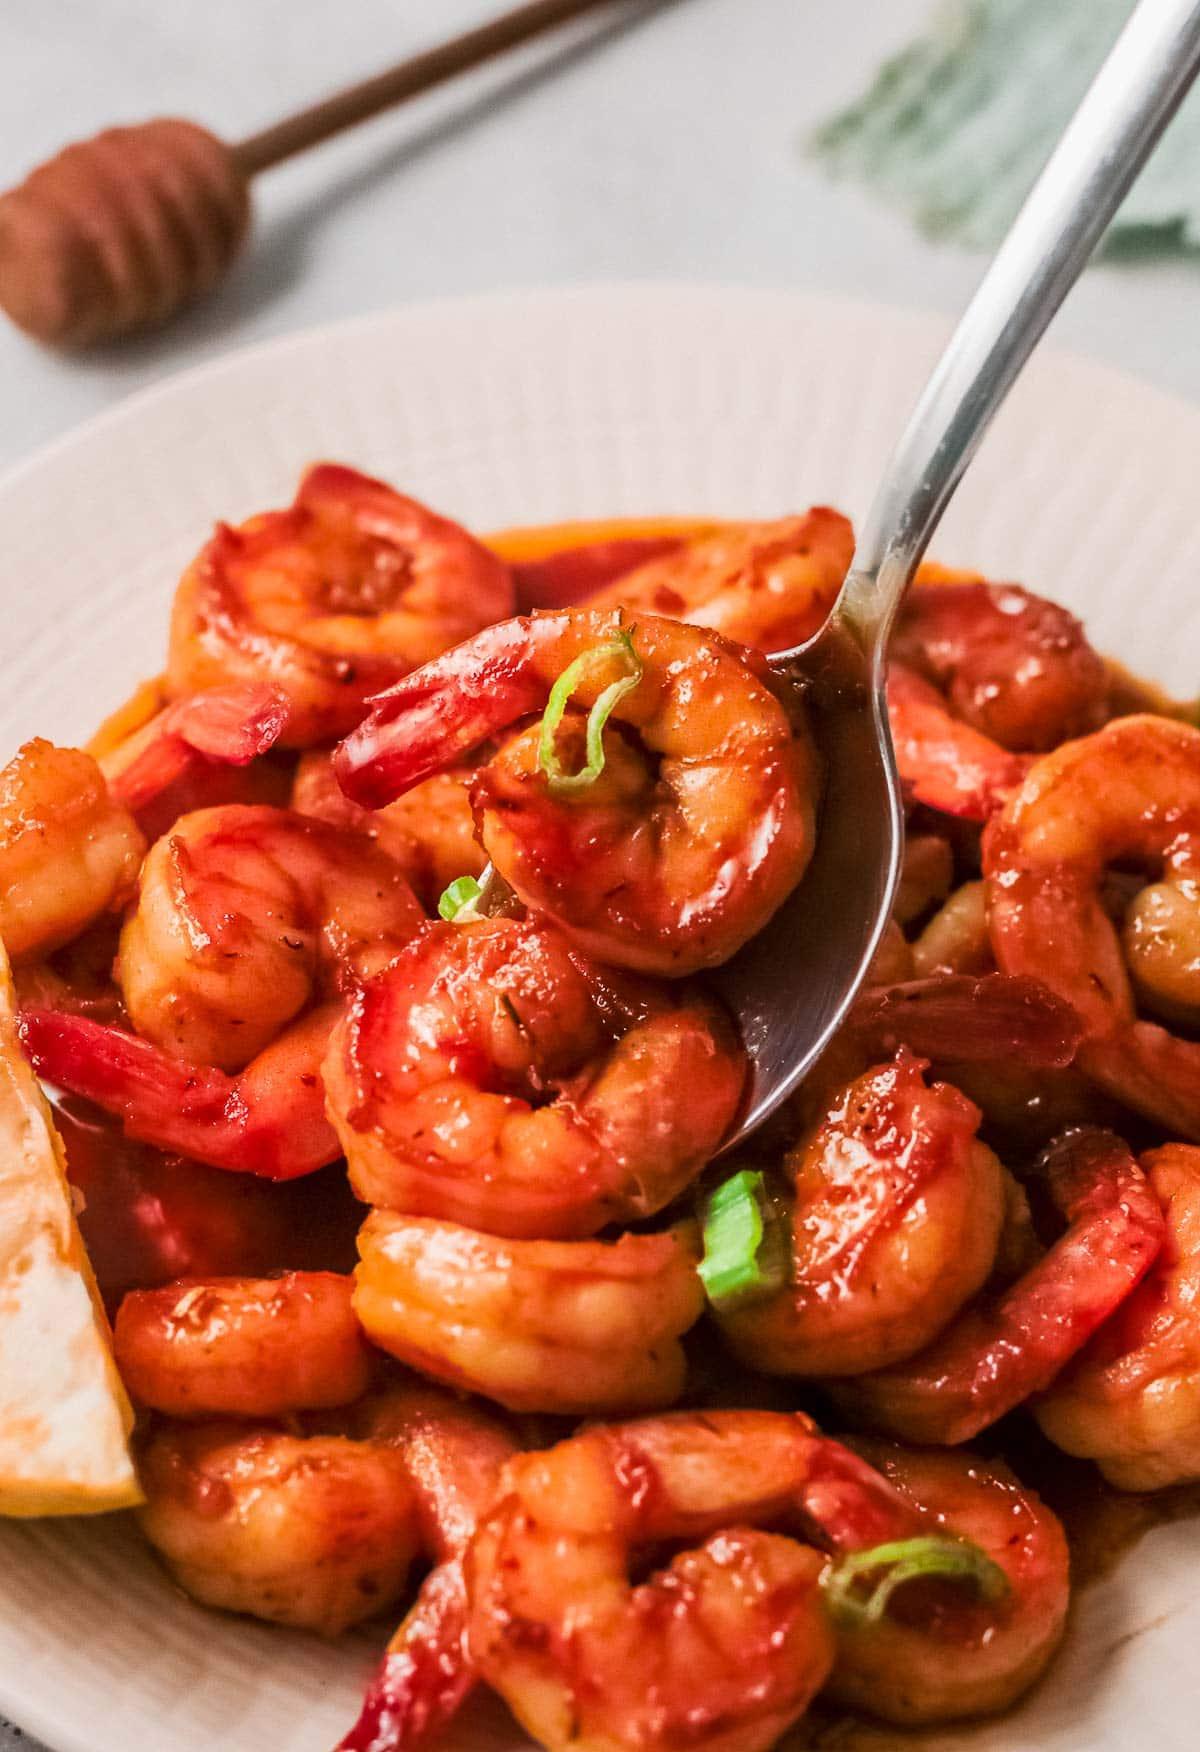 cajun shrimp on plate